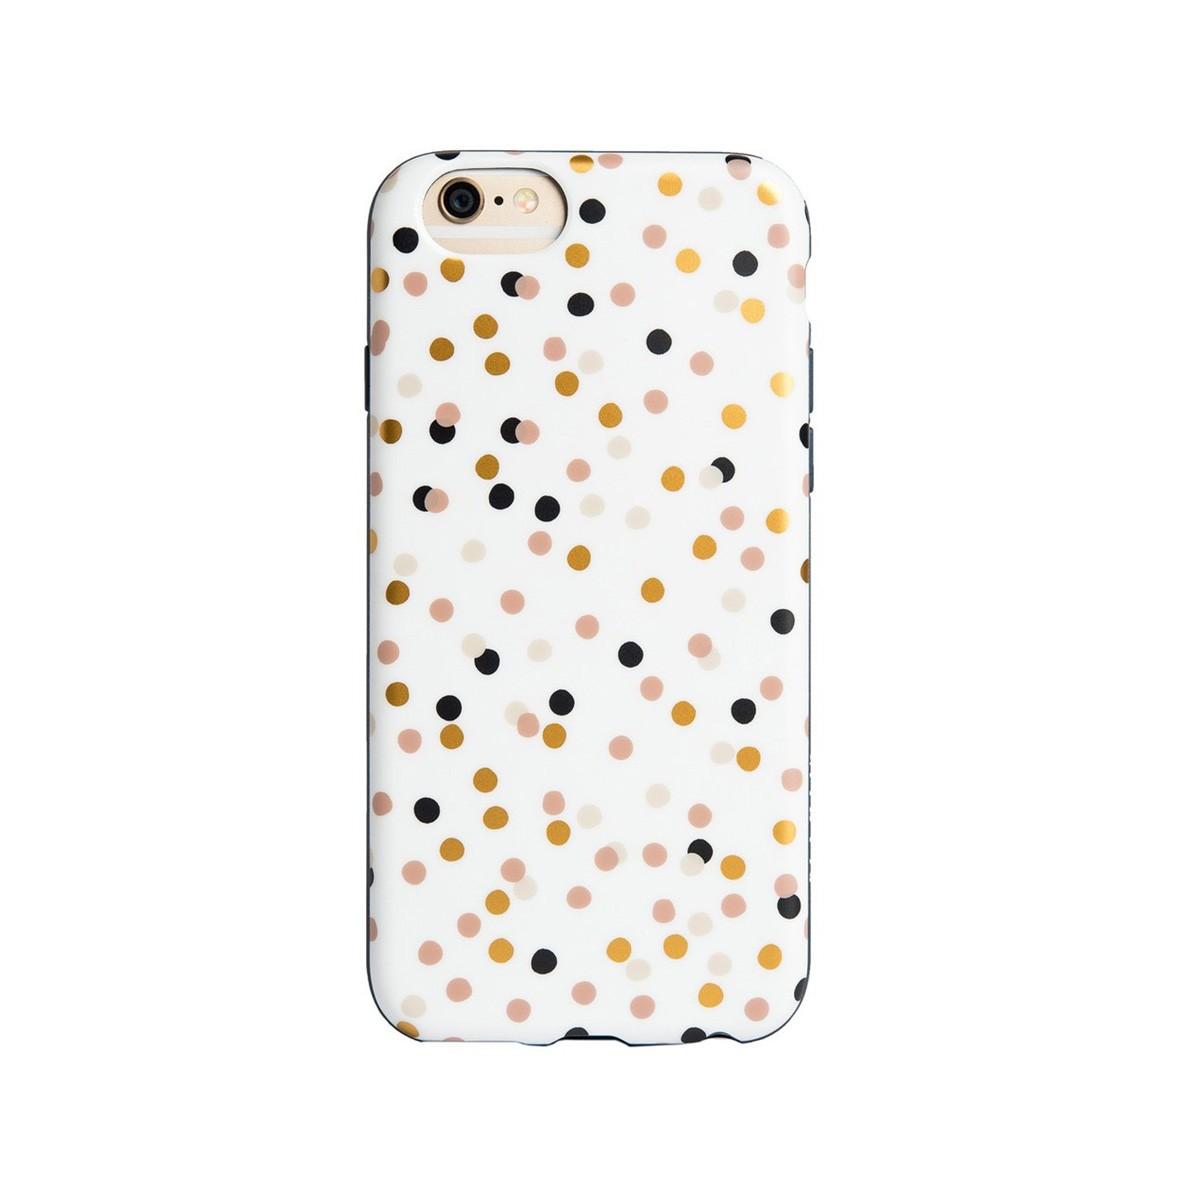 Бял гъвкав кейс Agent18 за Apple iPhone 6 с шарка шарени точки